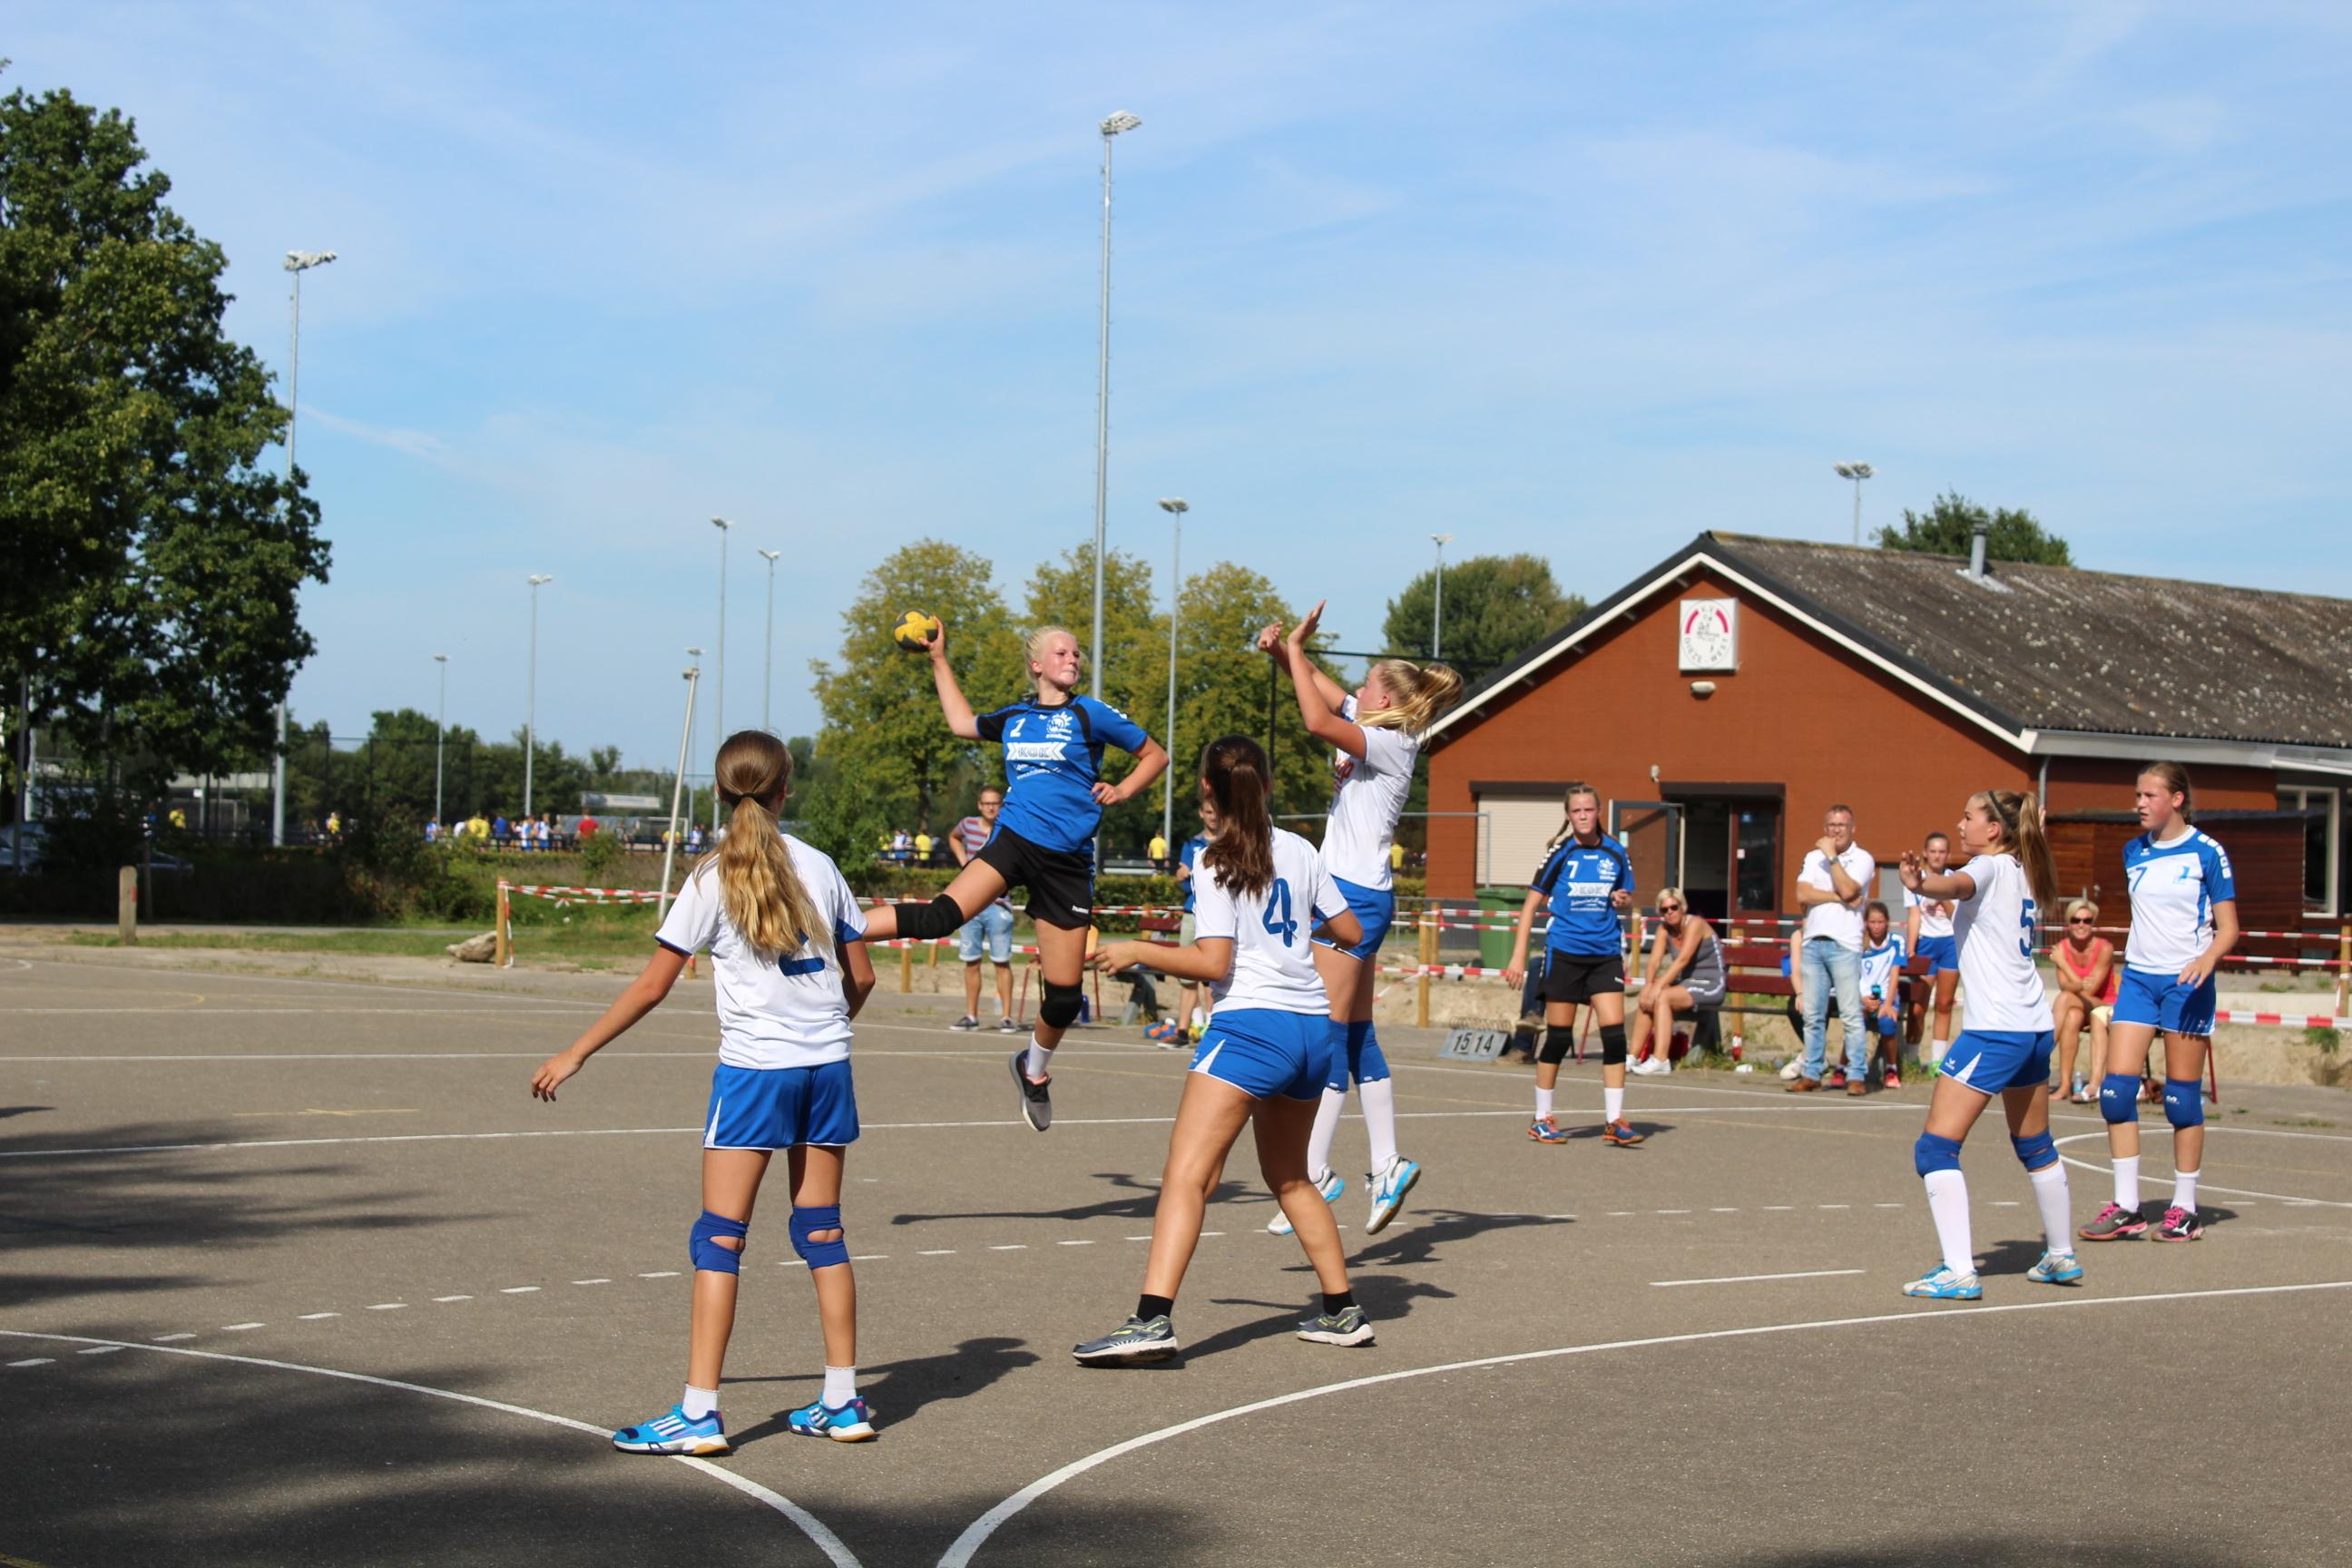 Dames C1 wonnen hun eerste veldwedstrijd onder nieuwe naam Travelbags HV Zwolle